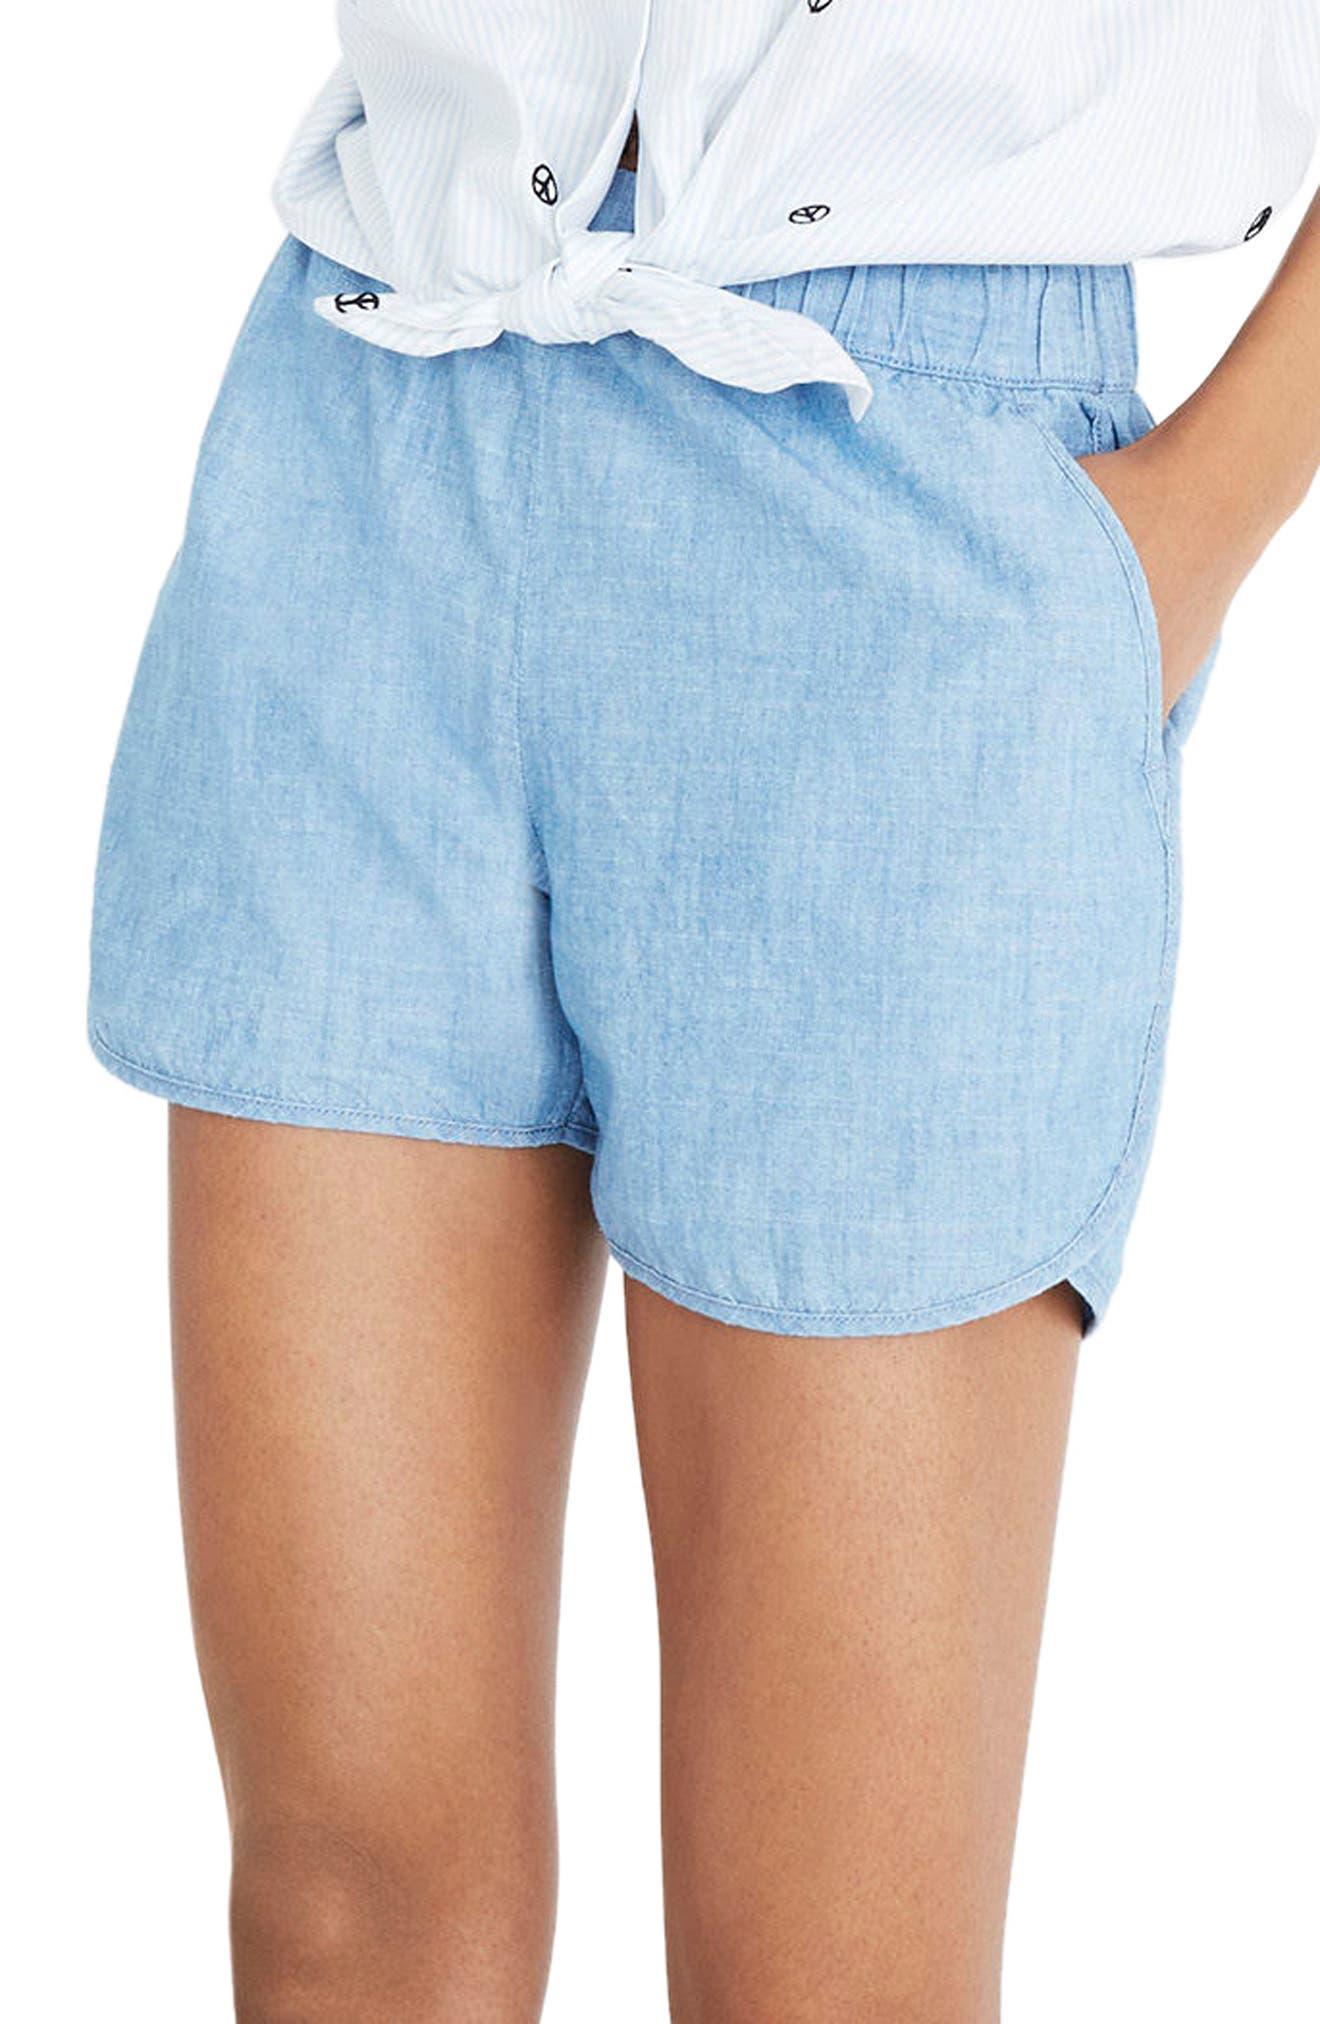 Chambray Pull-On Shorts,                             Main thumbnail 1, color,                             400